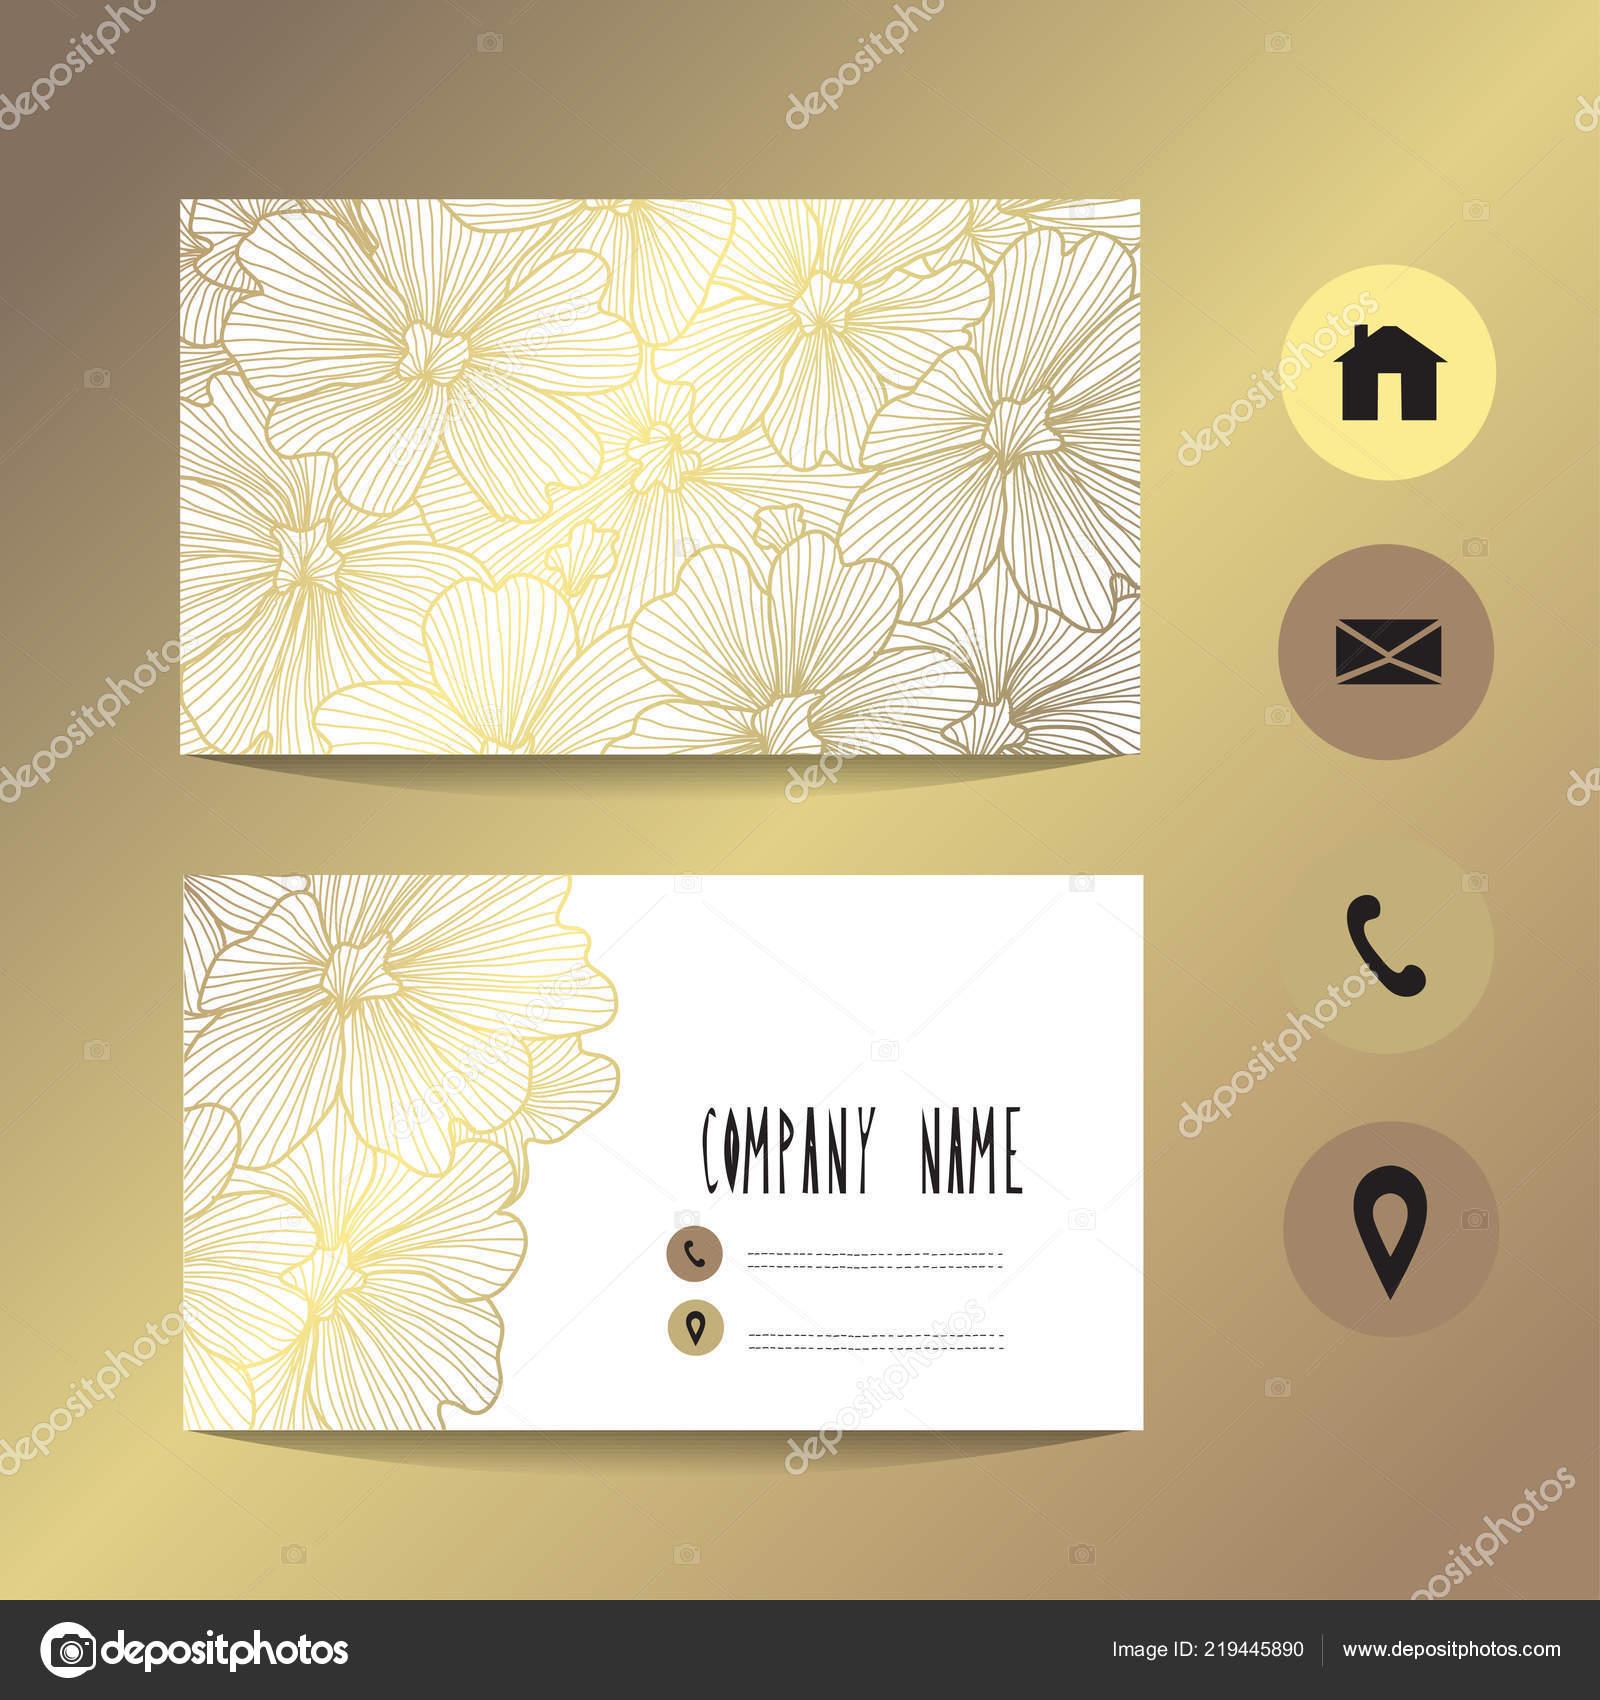 Visitenkarte Vorlage Mit Goldenen Blumen Design Element